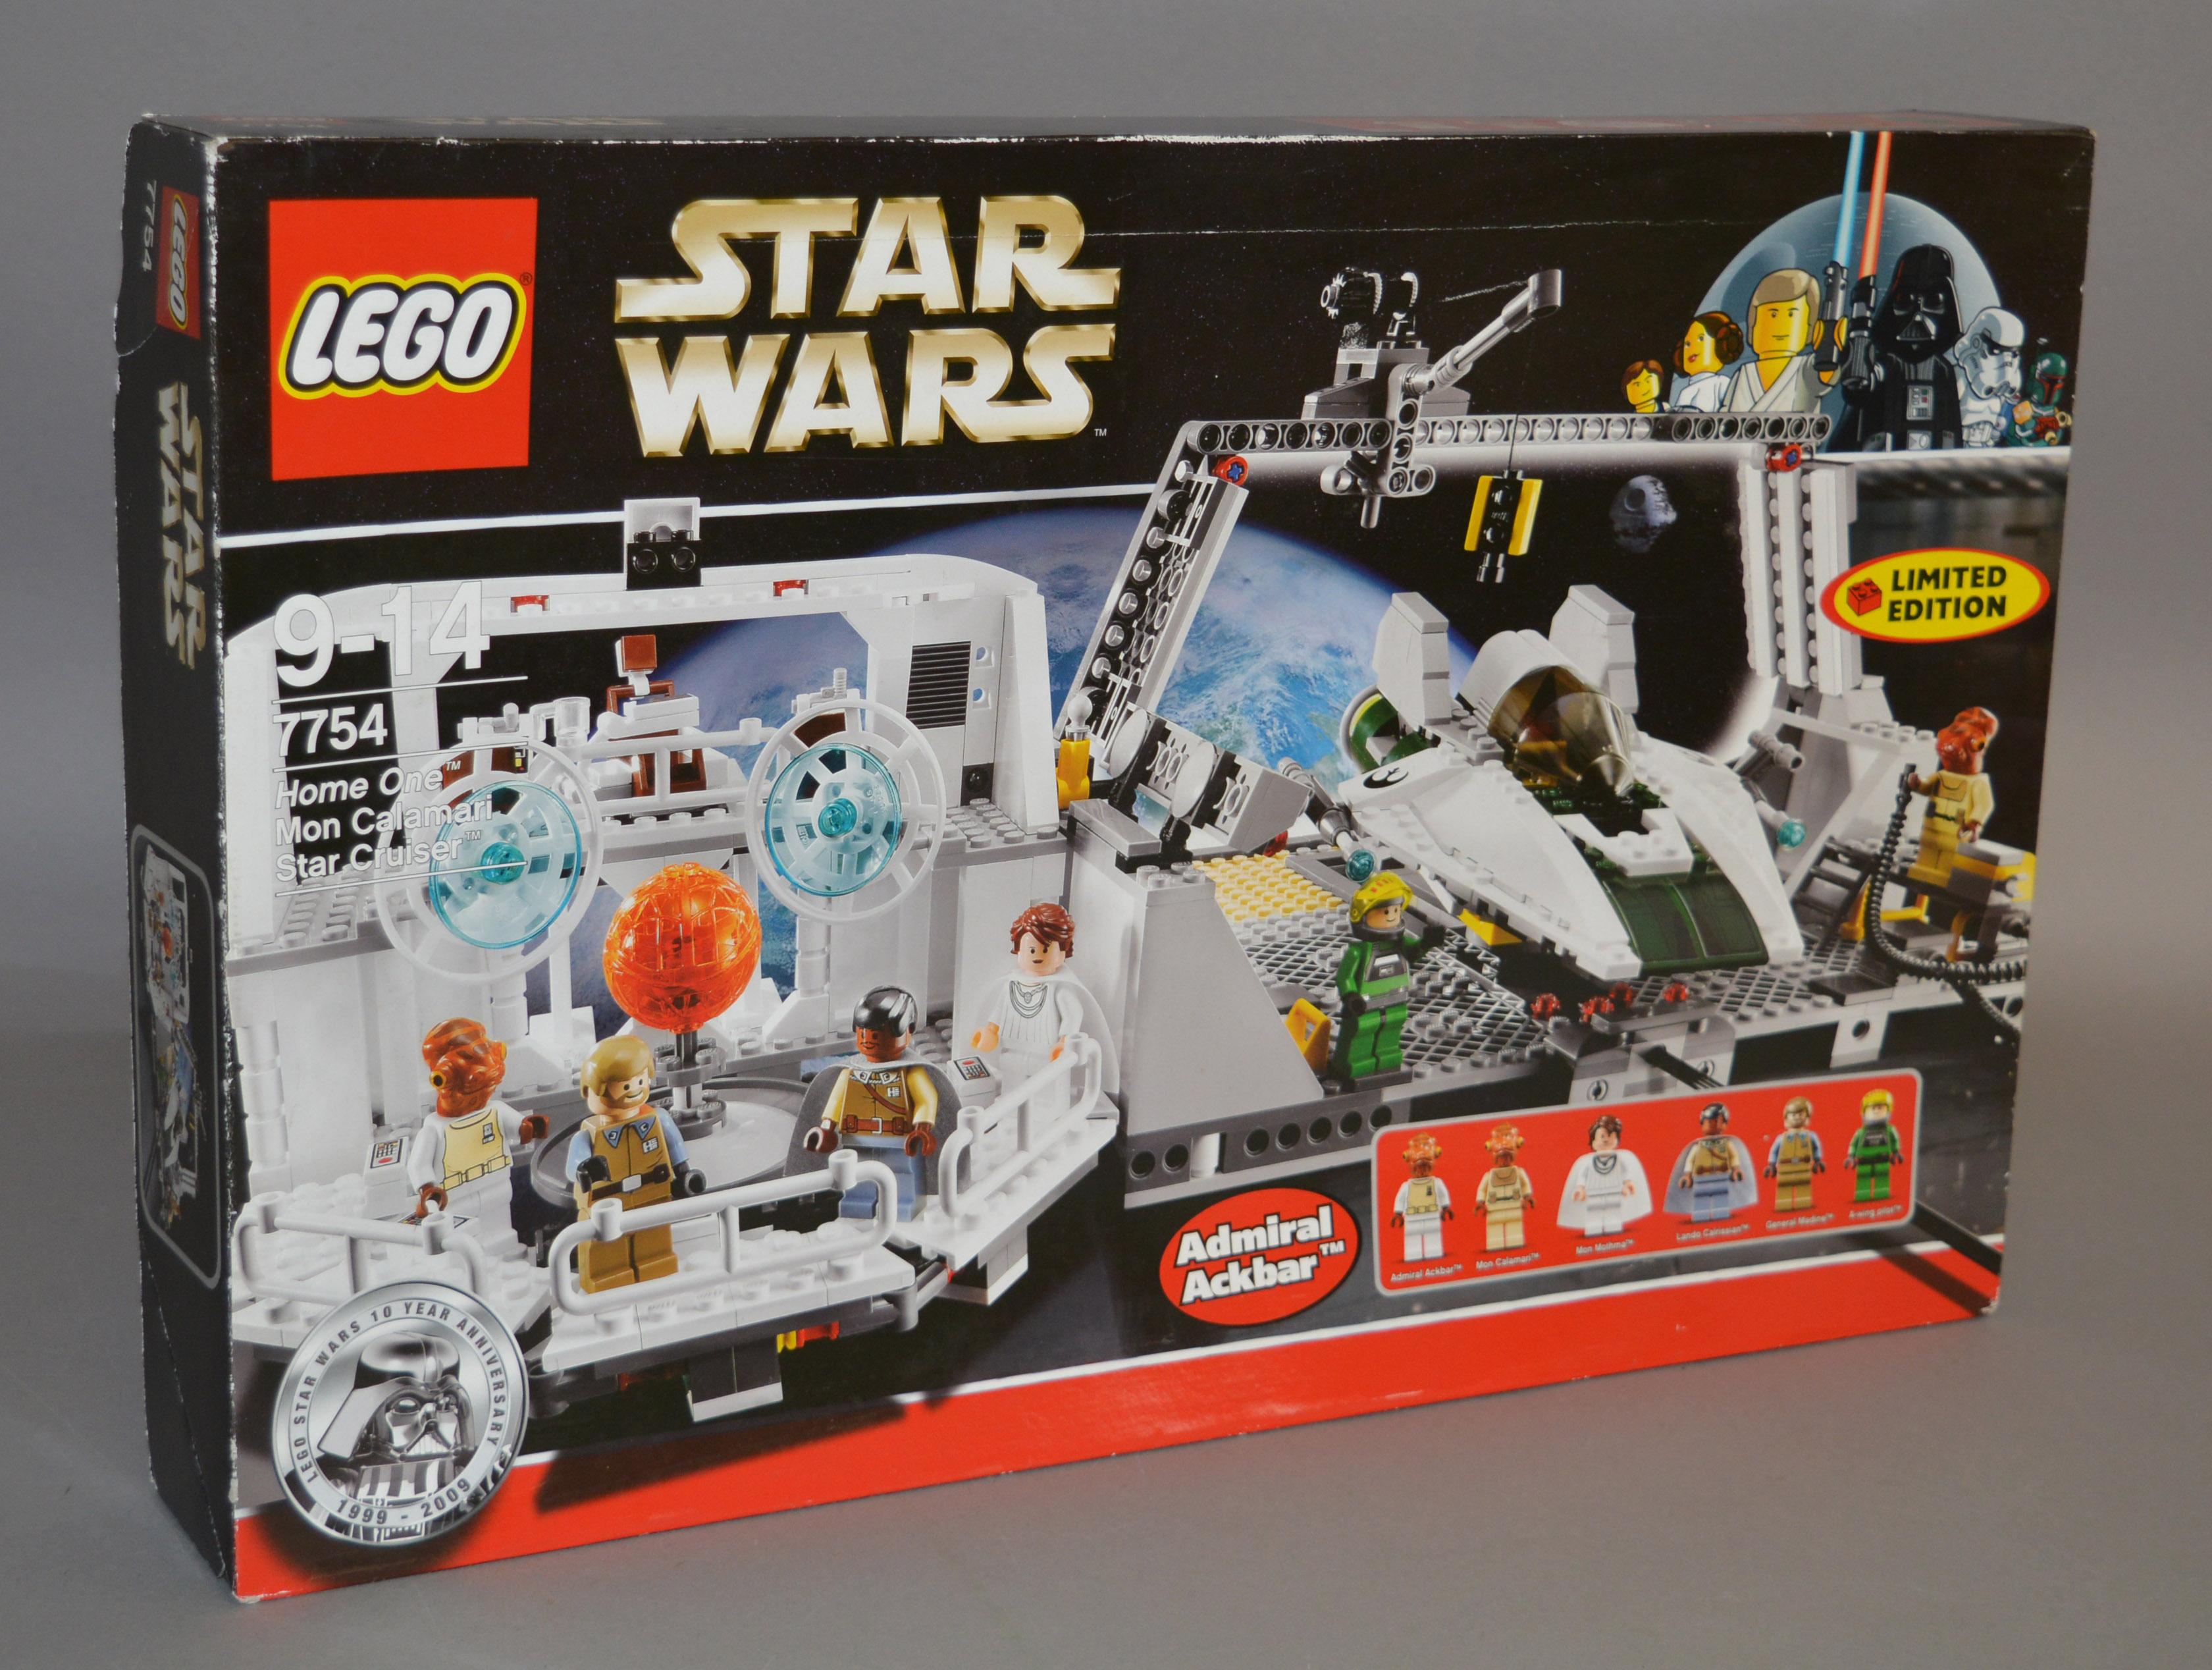 Lot 19 - Lego Star Wars 7754 'Home One Mon Calamari Star Cruiser',